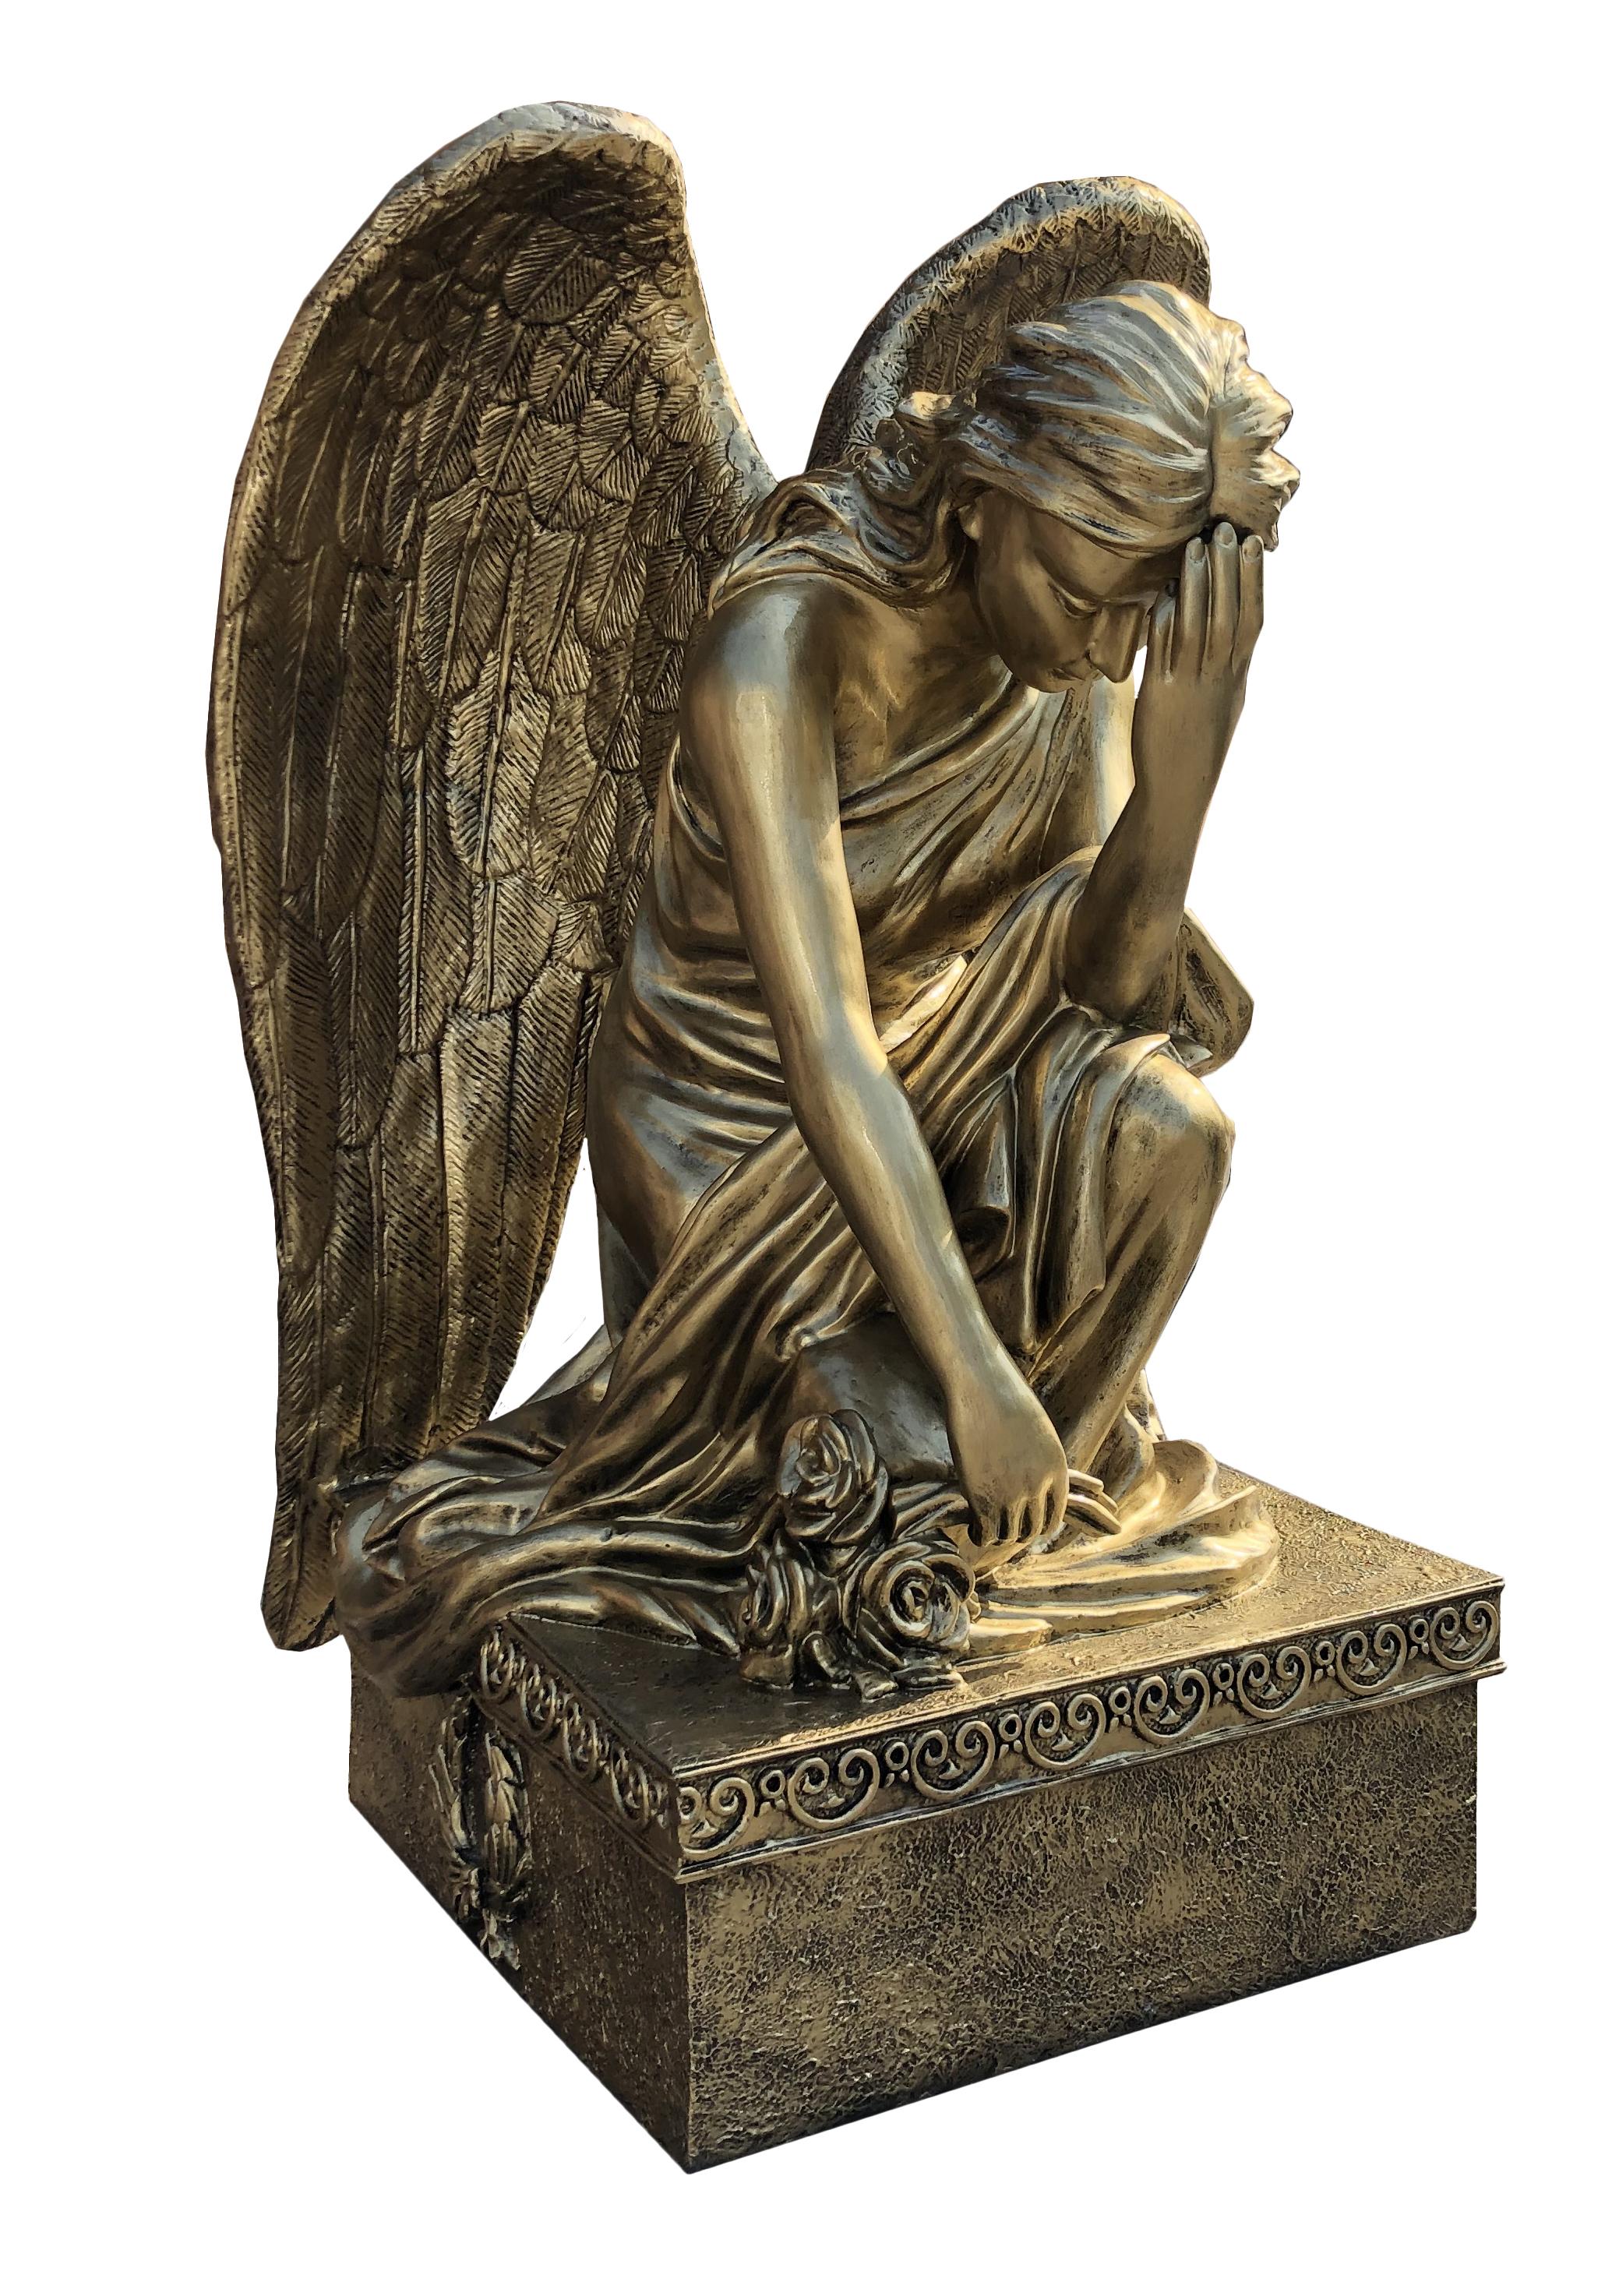 Aniol kleczacy - Figura nagrobna